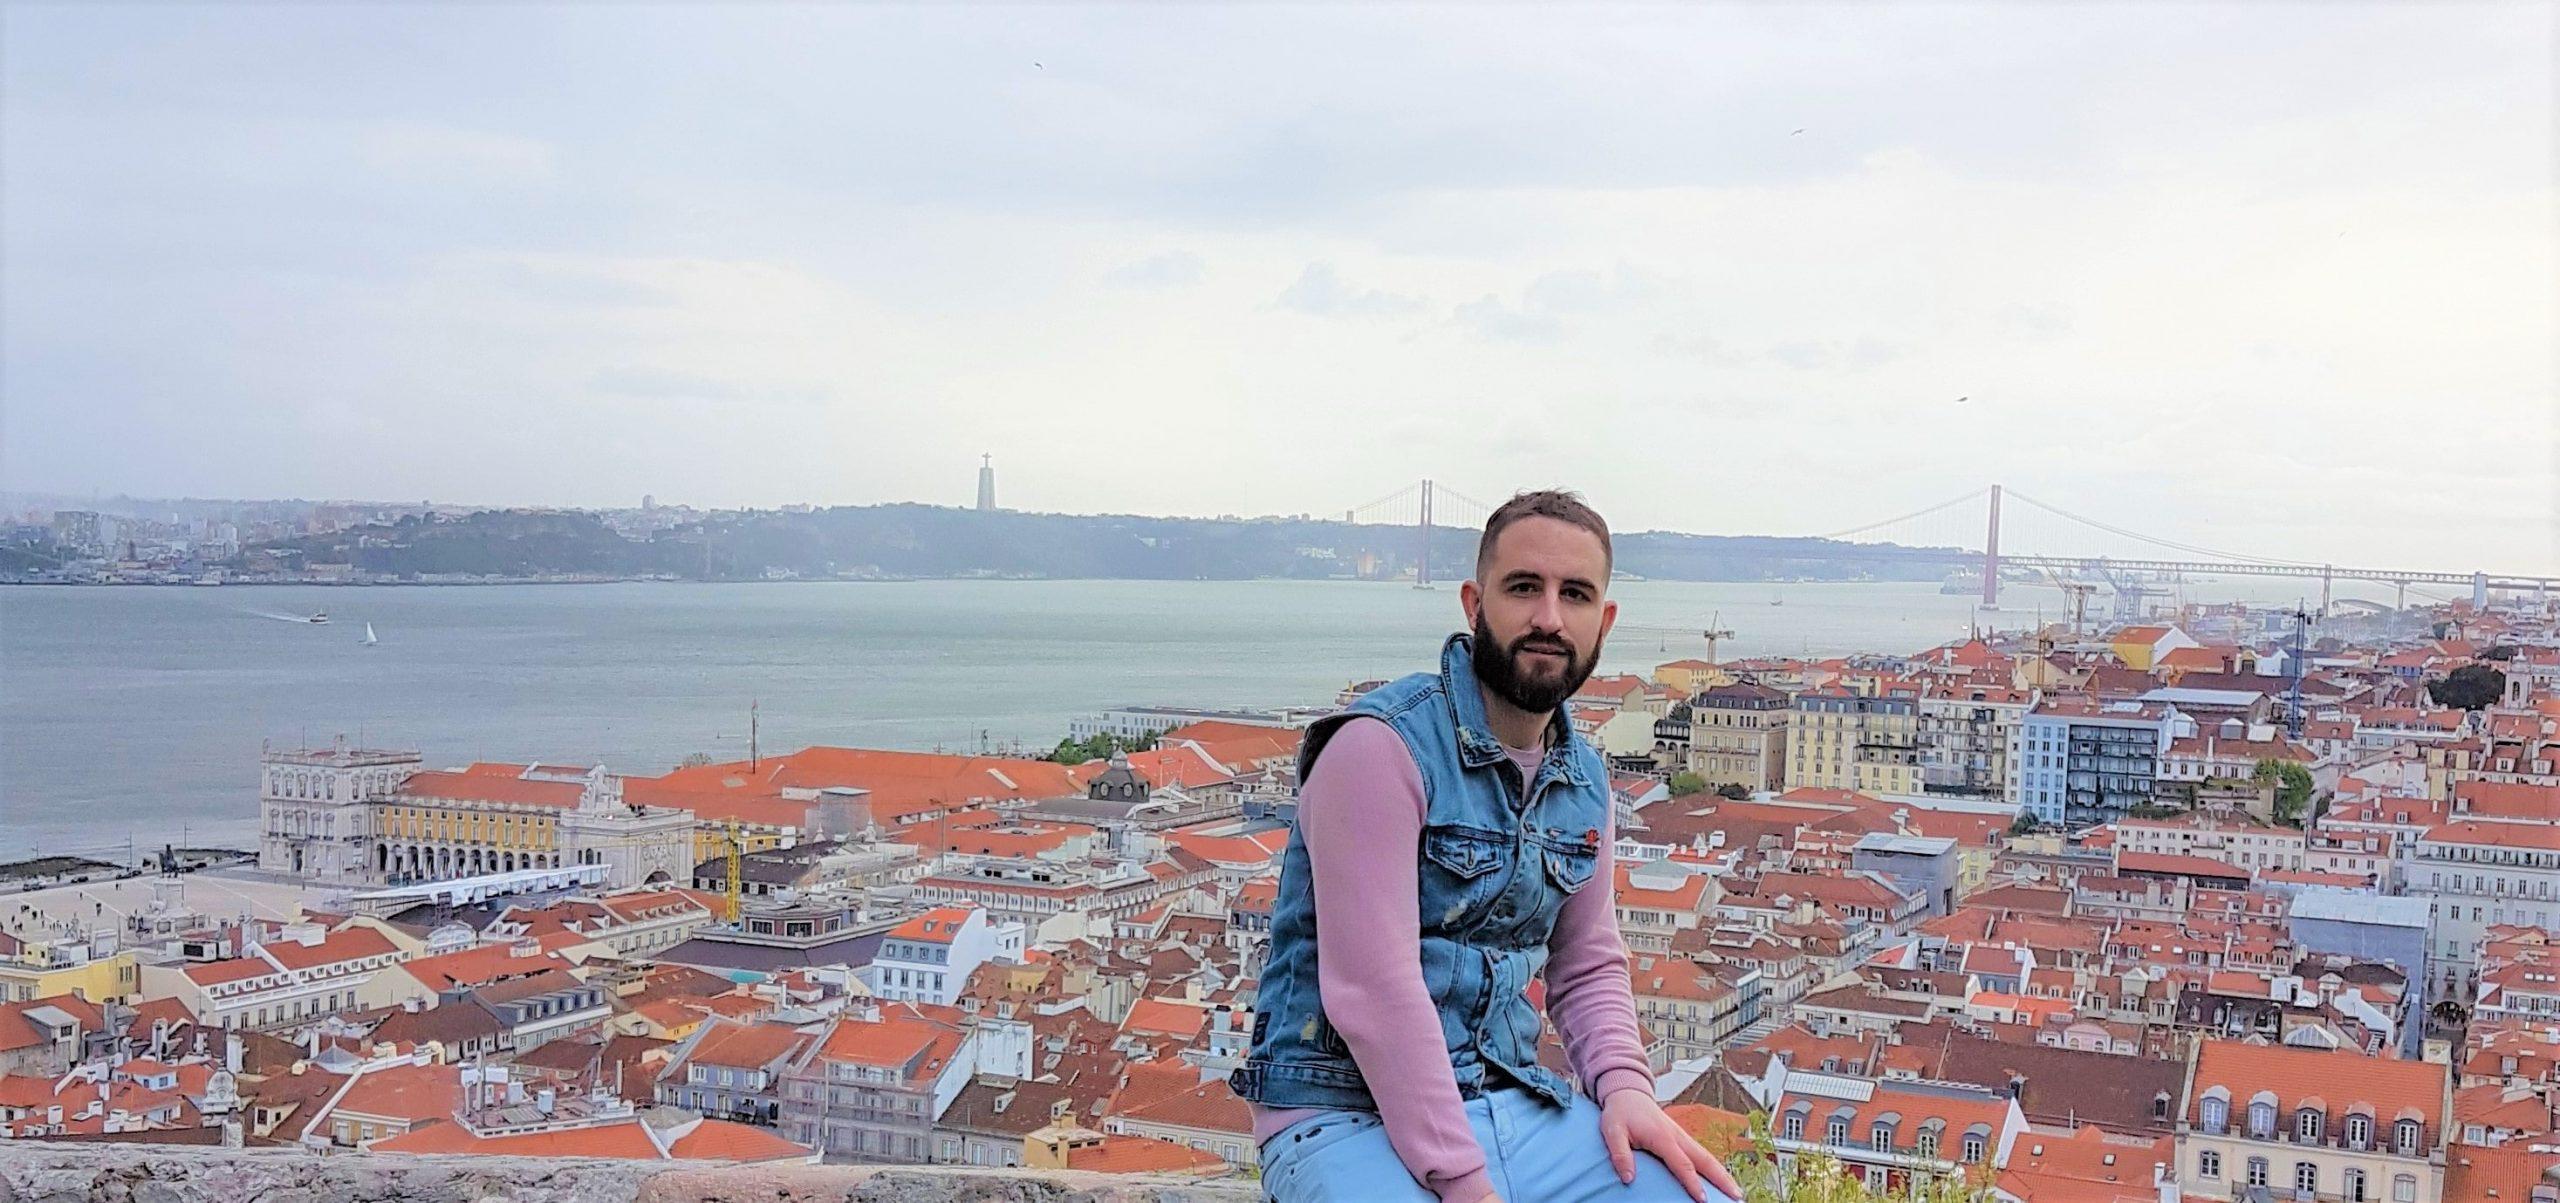 Isgoga con vistas de Lisboa y el rio Tajo desde el castillo de San Jorge